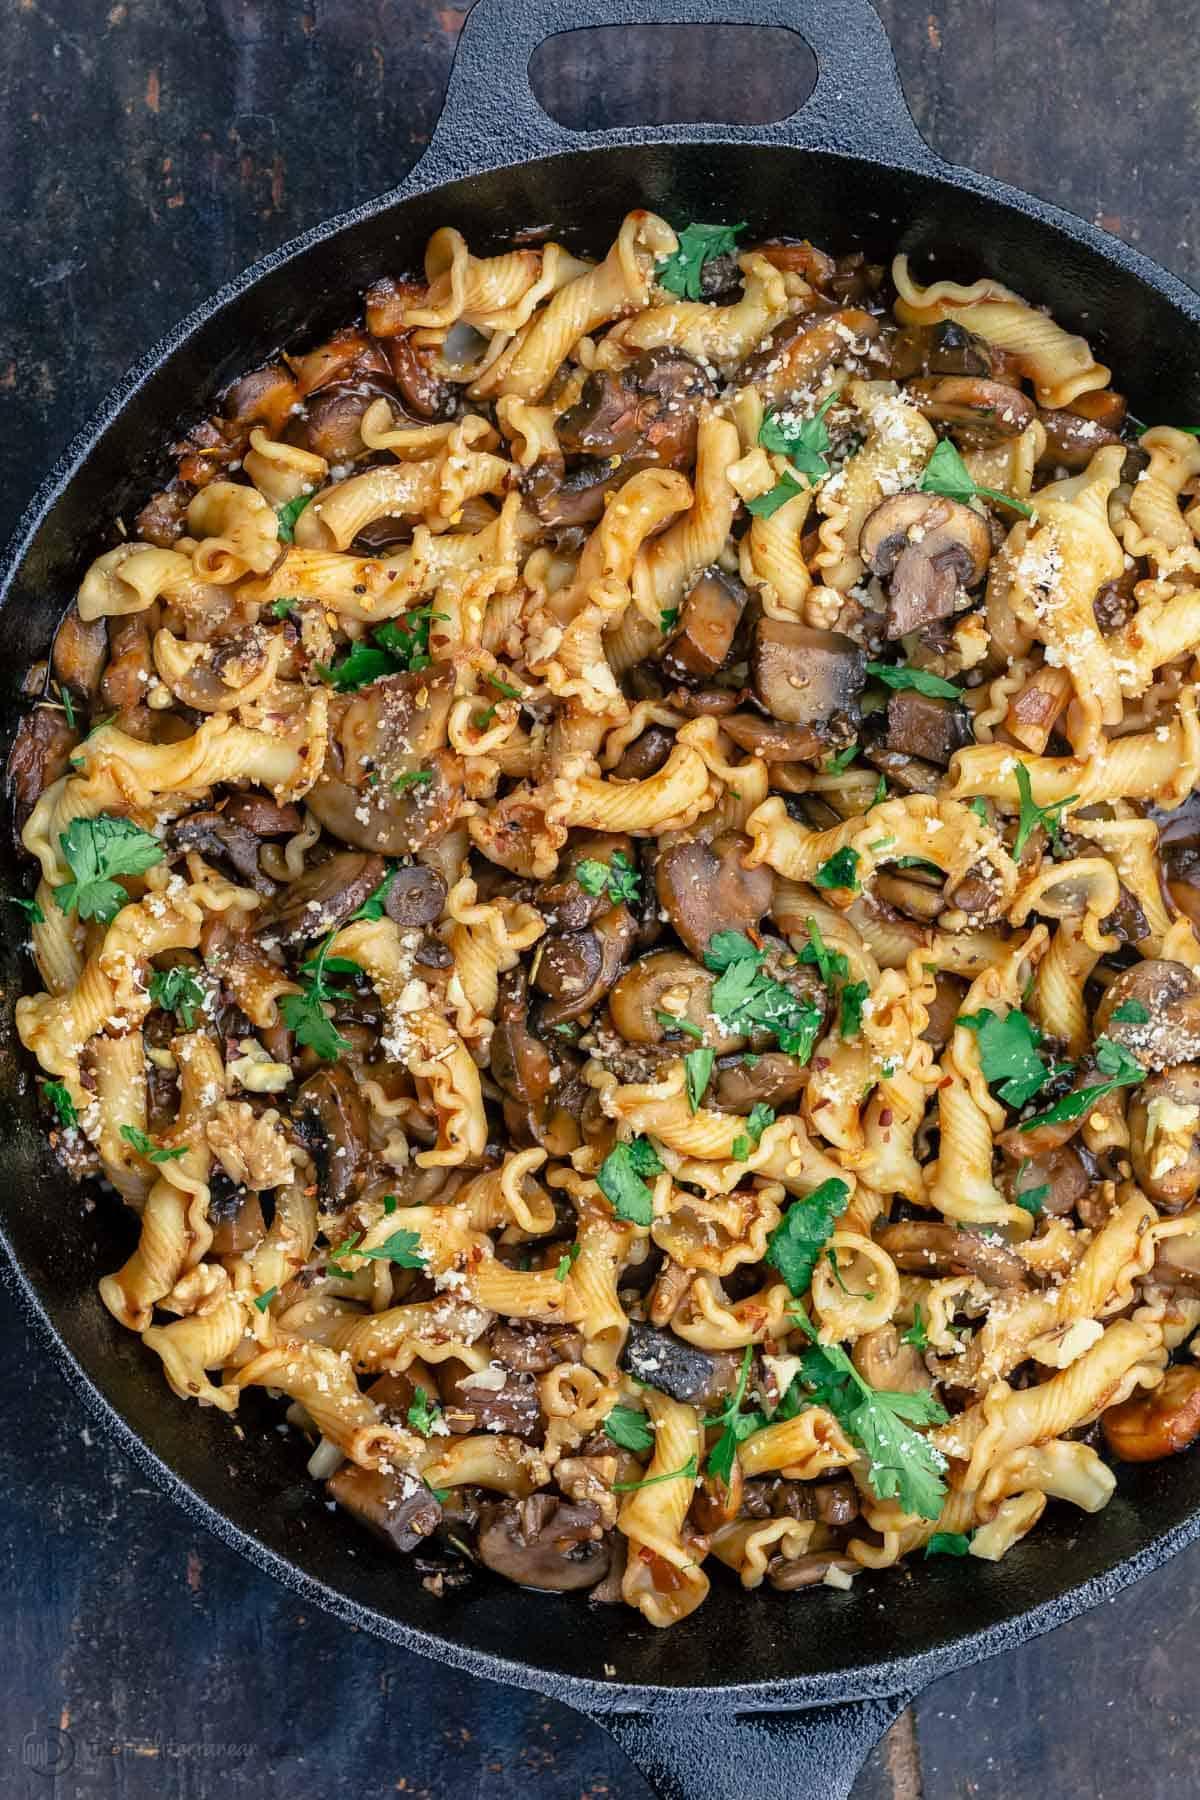 A skillet with mushroom pasta